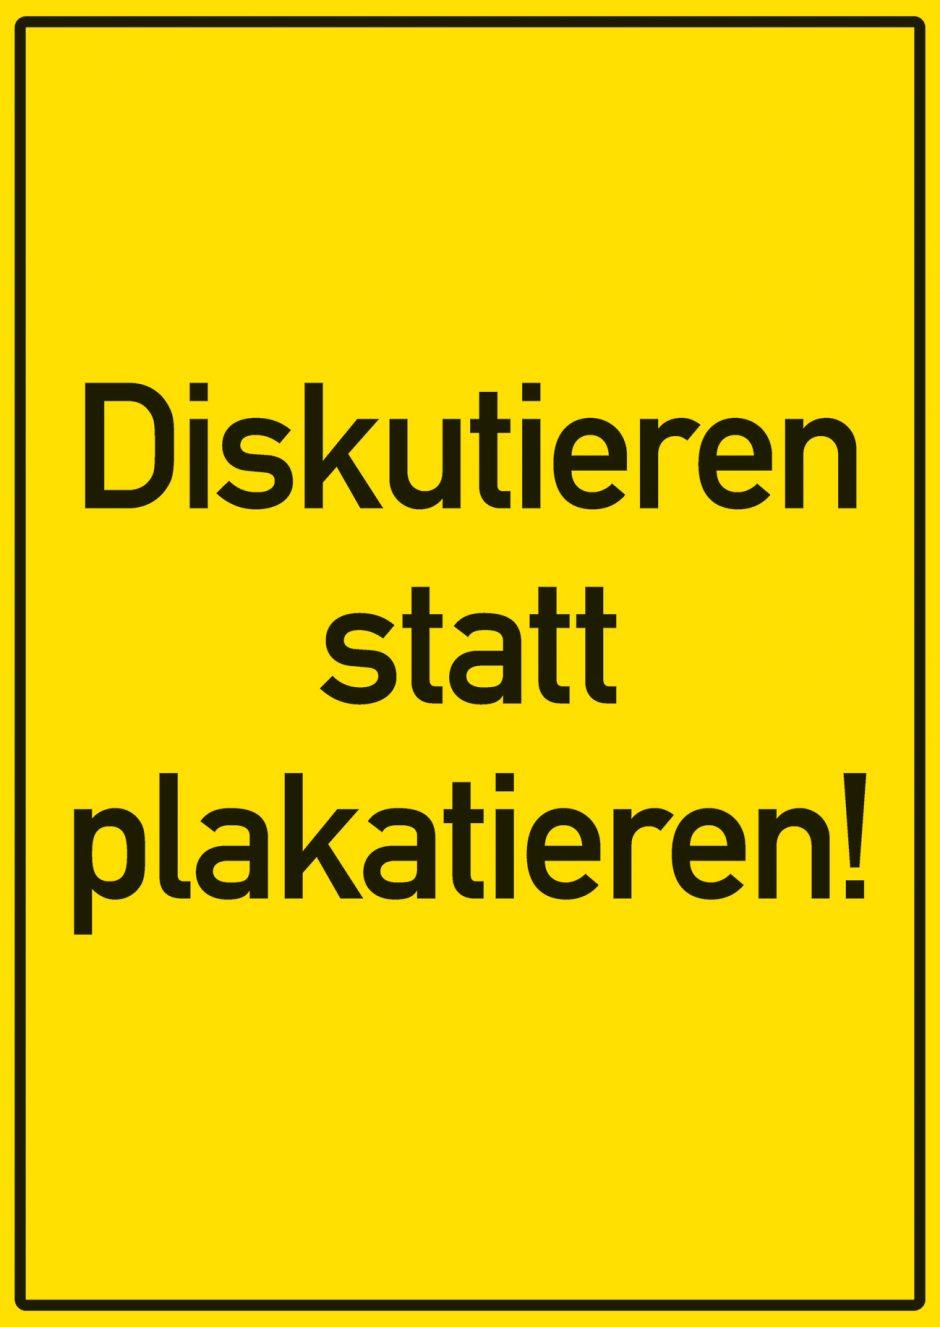 »Das Plakat greift die Gestaltung von typischen deutschen Verbotsschildern auf. Signalwirkung und Befehlsform werden beibehalten auch um mit den Sehgewohnheiten zu spielen. Das Verbot »Diskutieren statt plakatieren!« spielt direkt auf das Plakatierverbot an und ist als Aufforderung auf geistiger Ebene zu verstehen: Hin zu einer differenzierten Diskussionskultur und Weg von Schubladendenken und Slogans.«